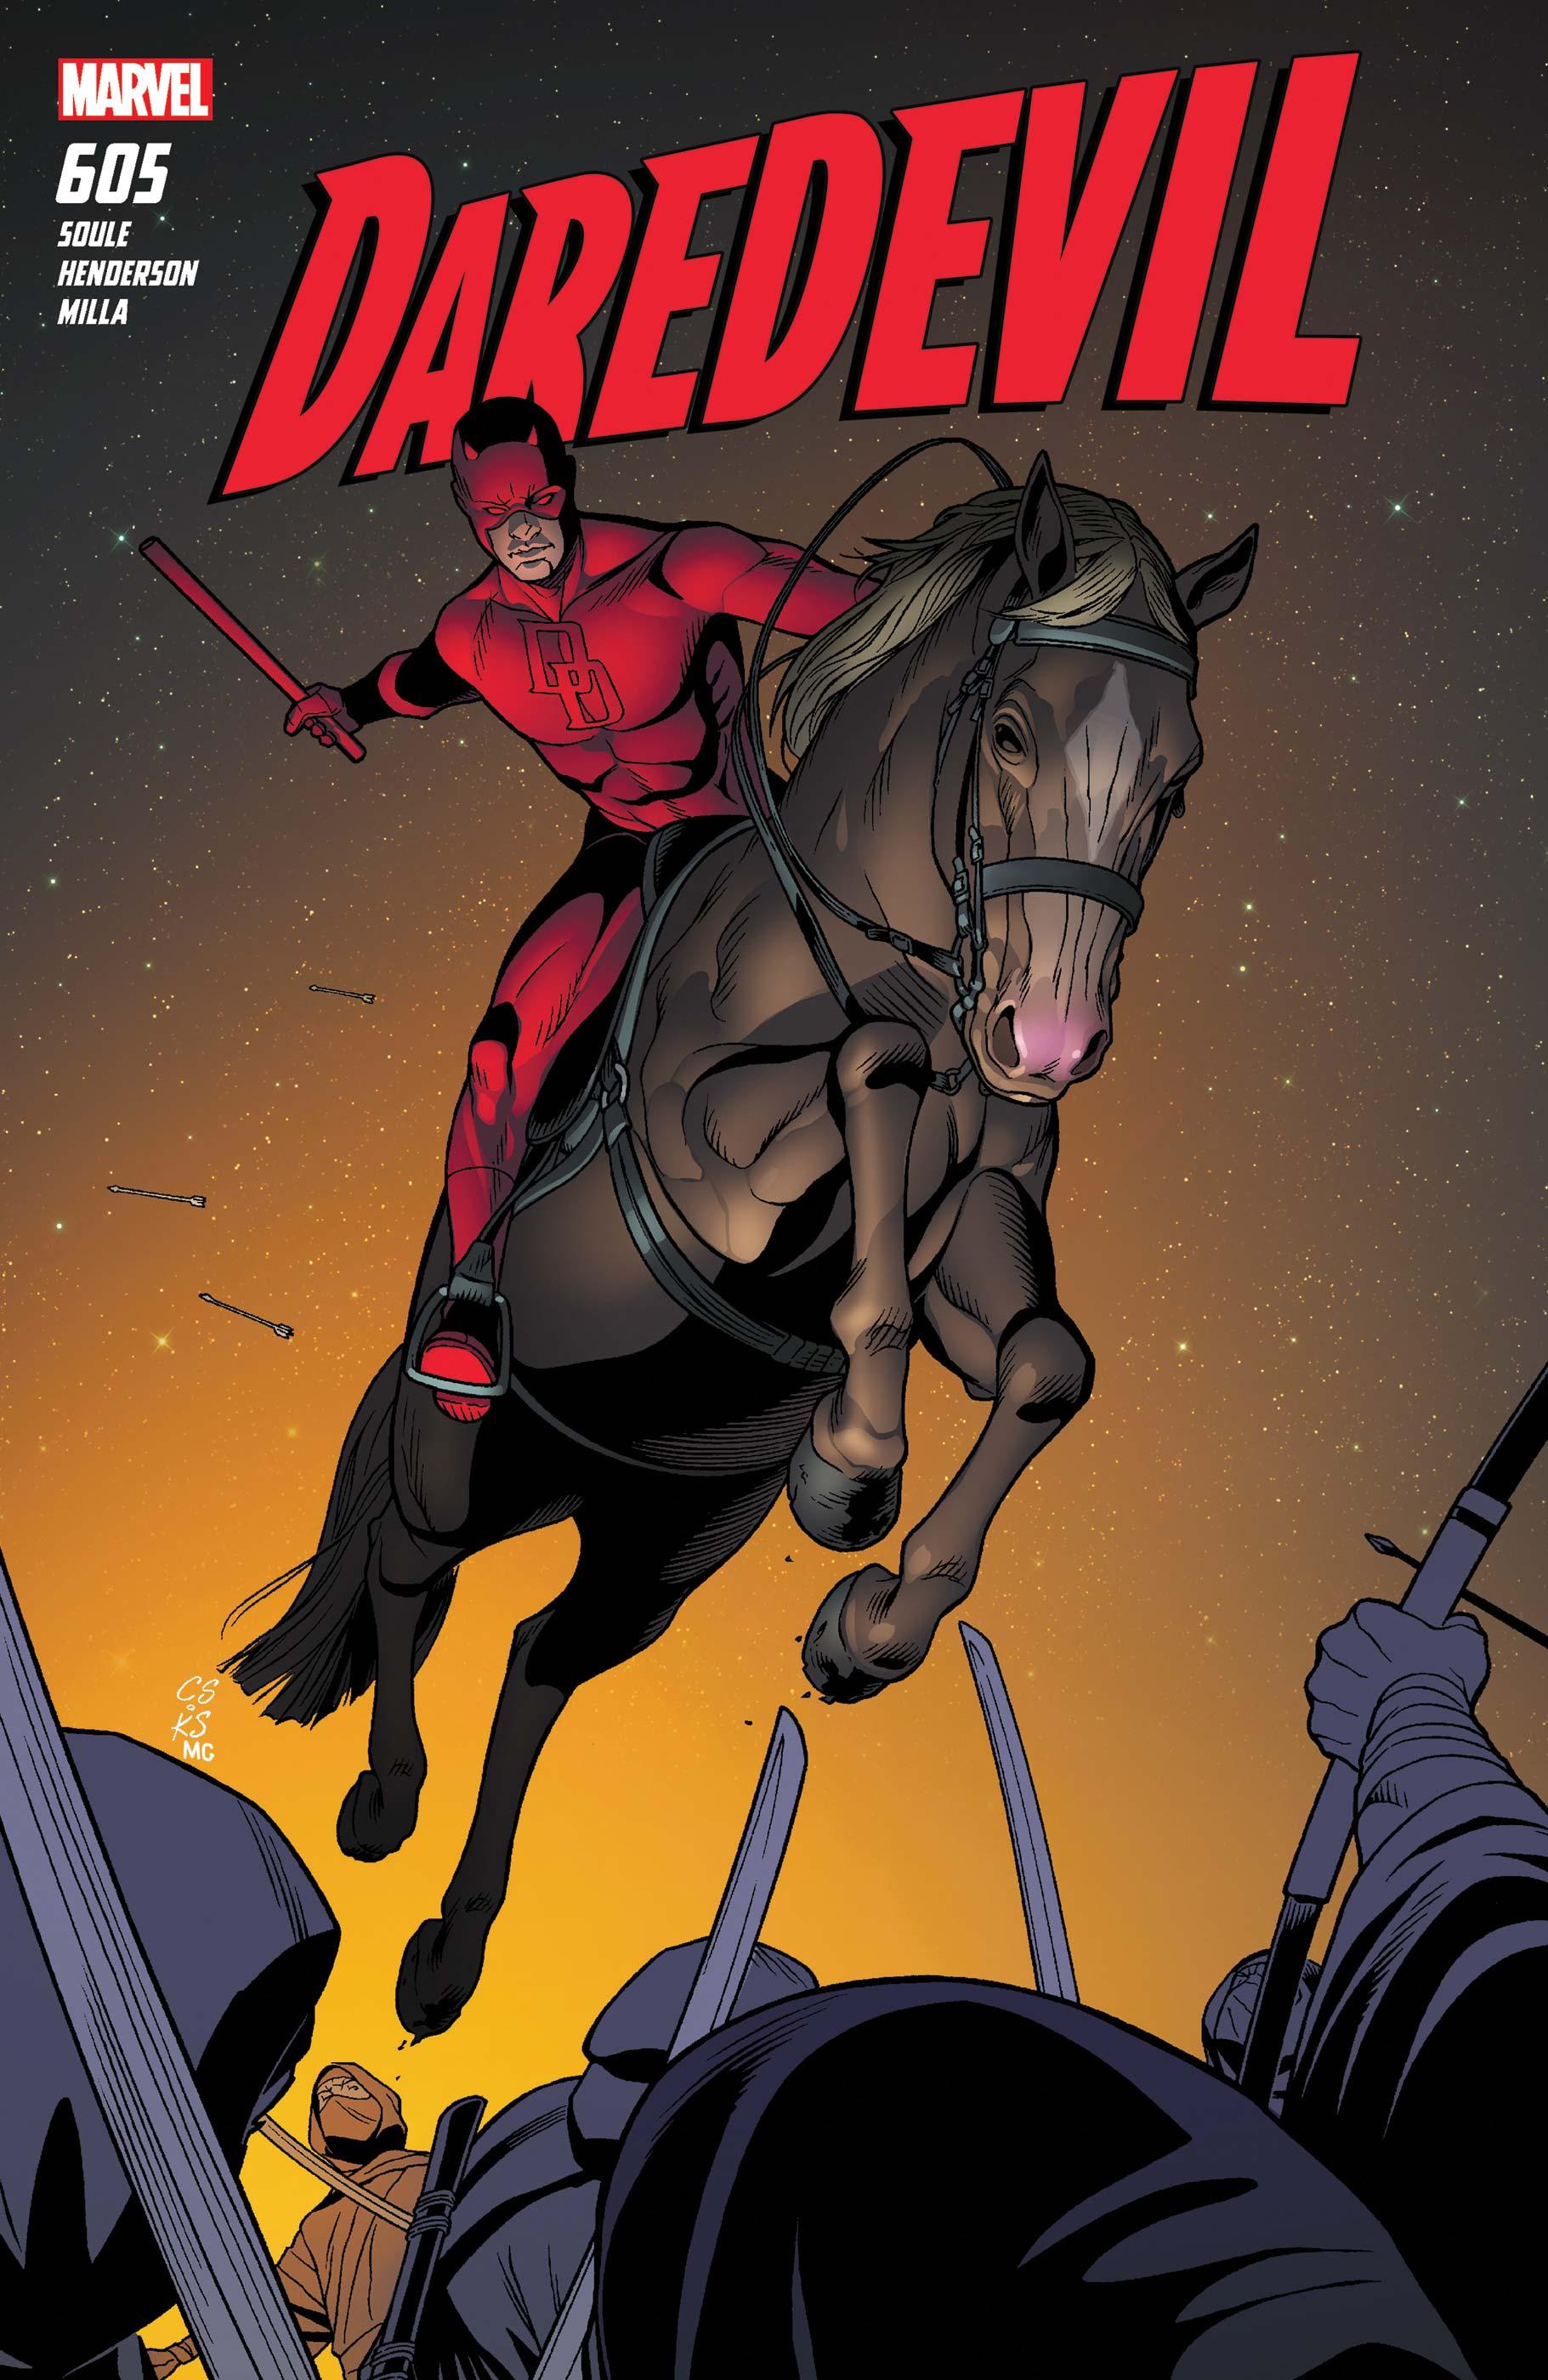 Daredevil (2015) #605